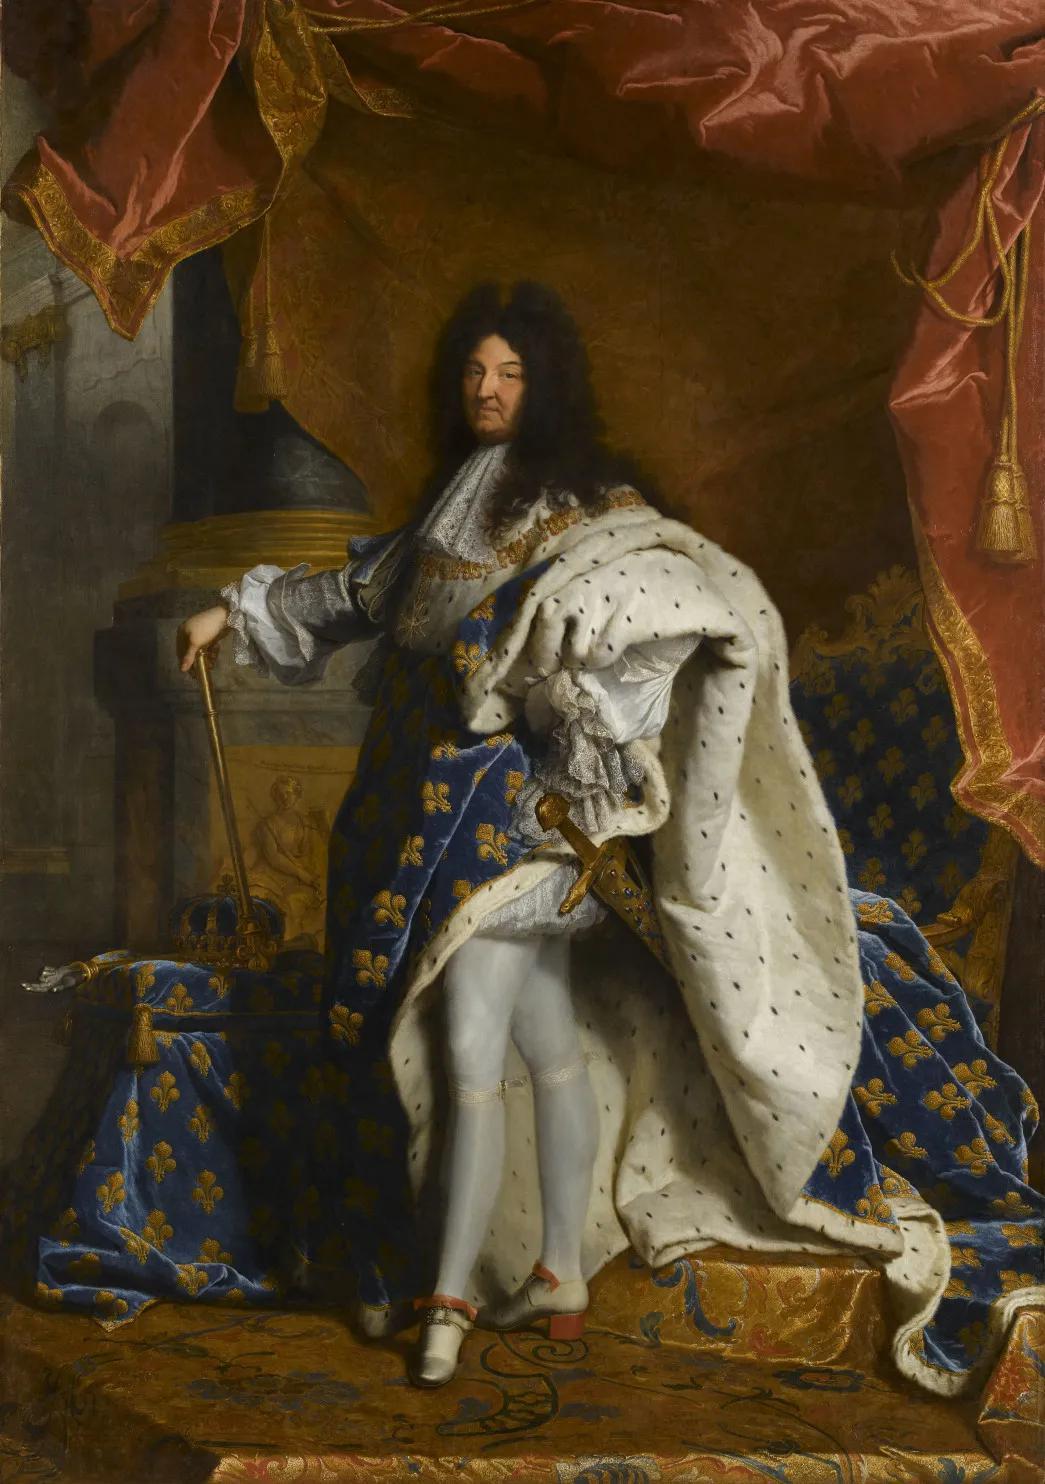 鉴赏丨卢浮宫里的型男时尚大PK